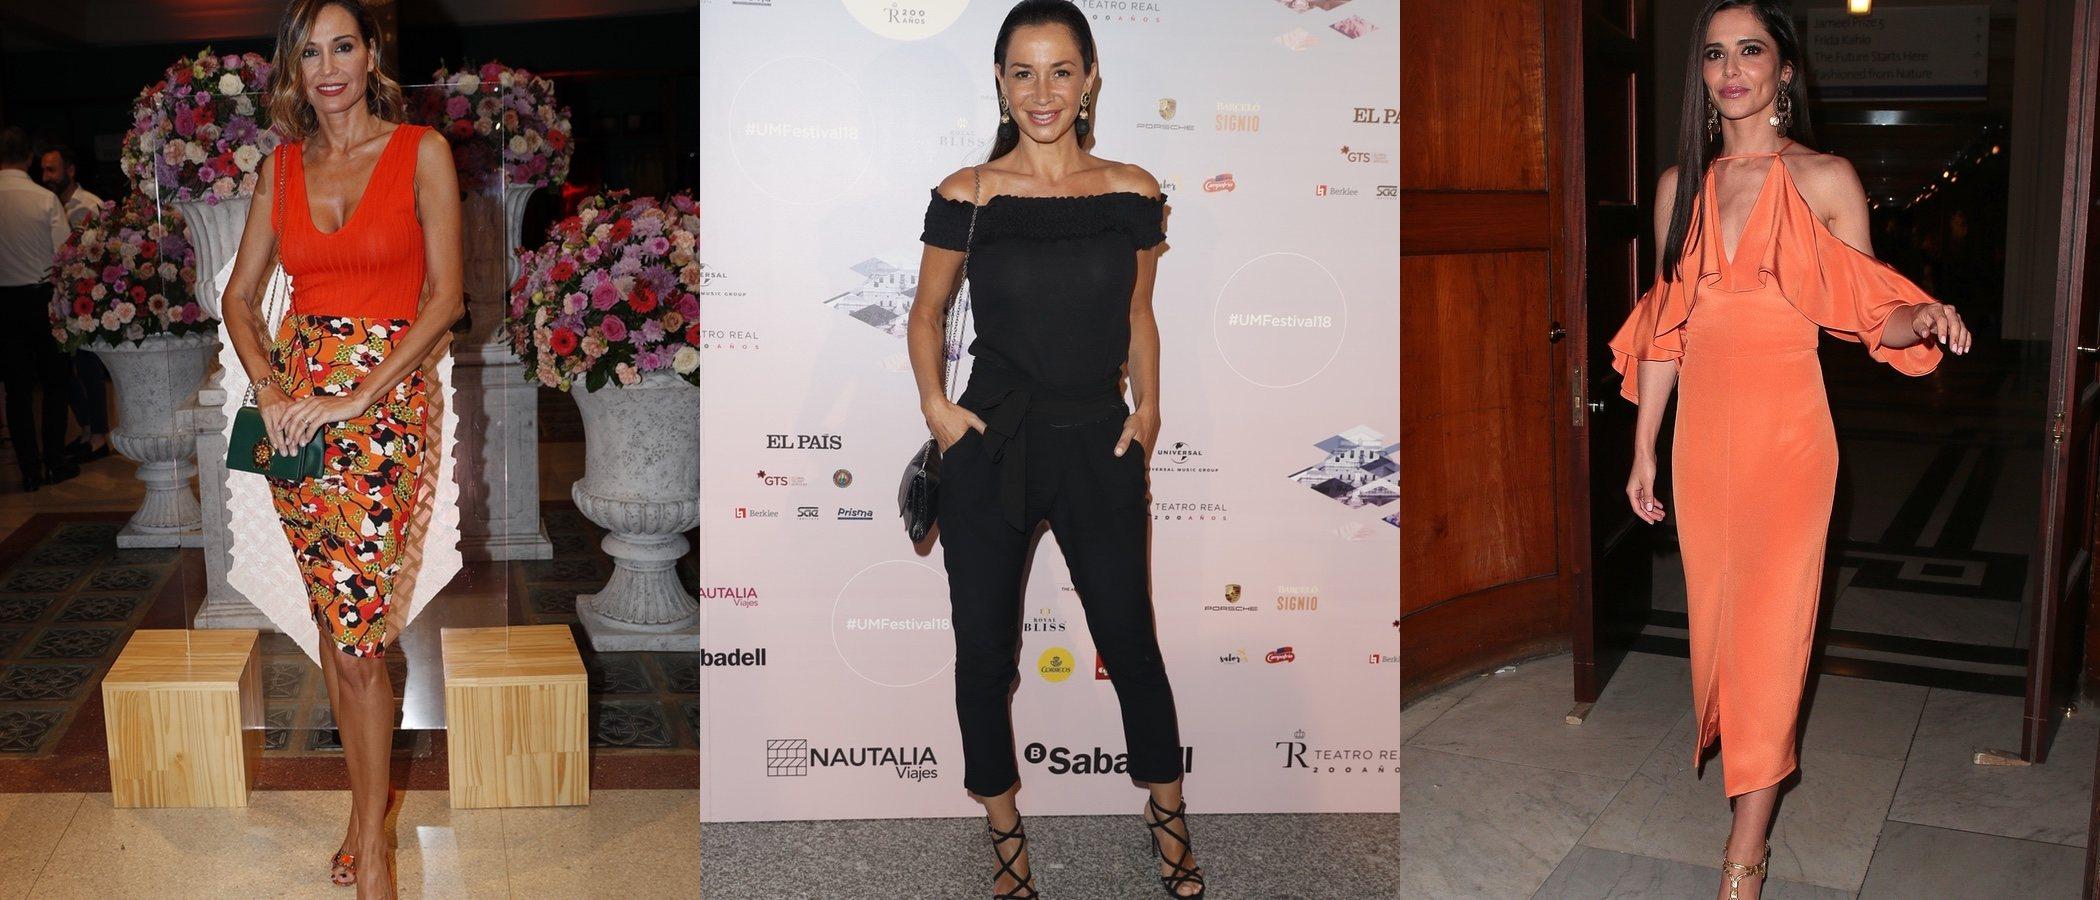 Ana Boyer, Cecilia Gómez y Pastora soler entre las mejor vestidas de la semana